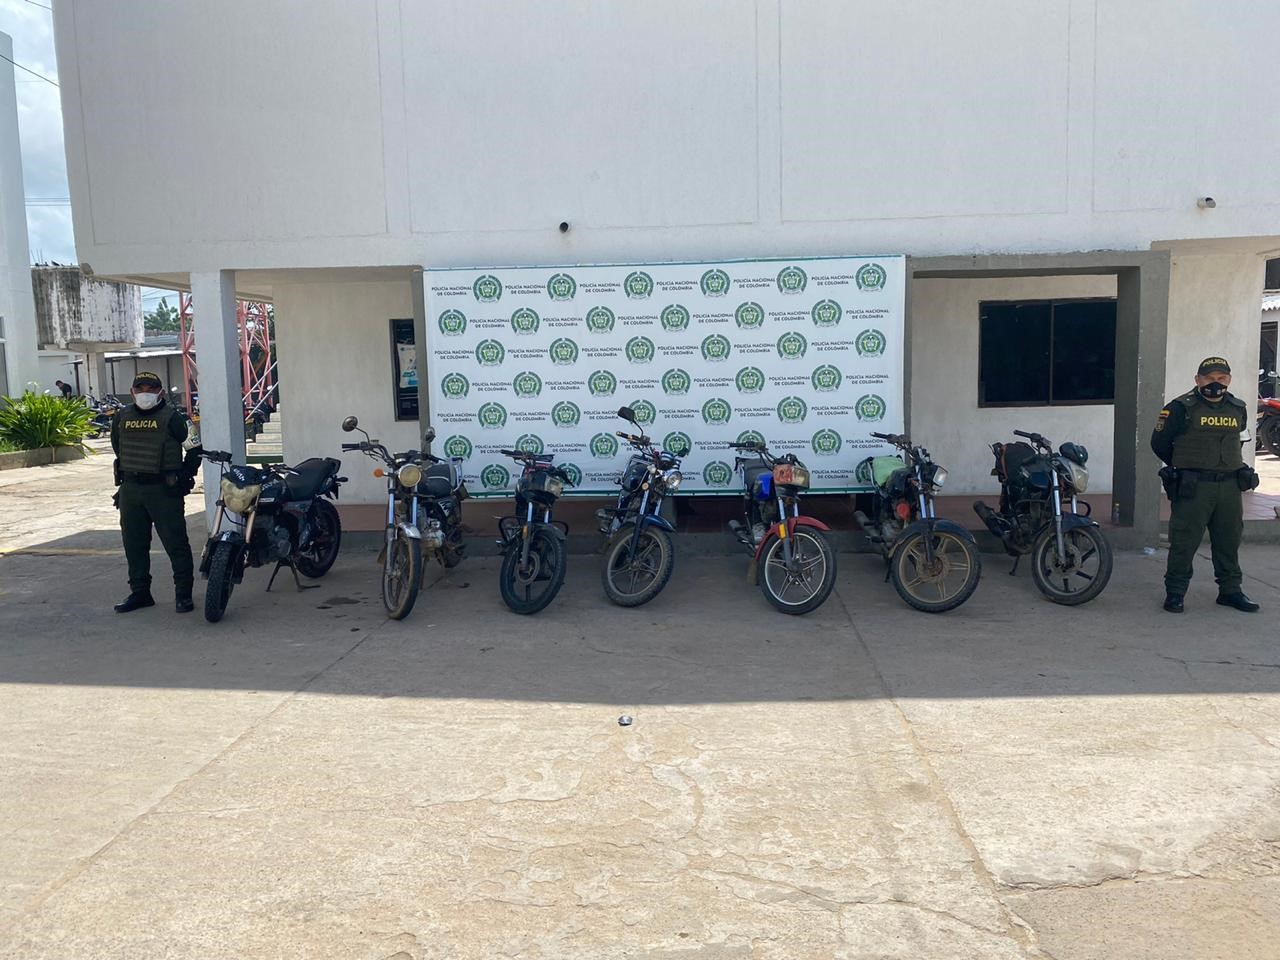 hoyennoticia.com, En Maicao: nueve motos y cuatro vehículos sin documentos se incautó la Policía